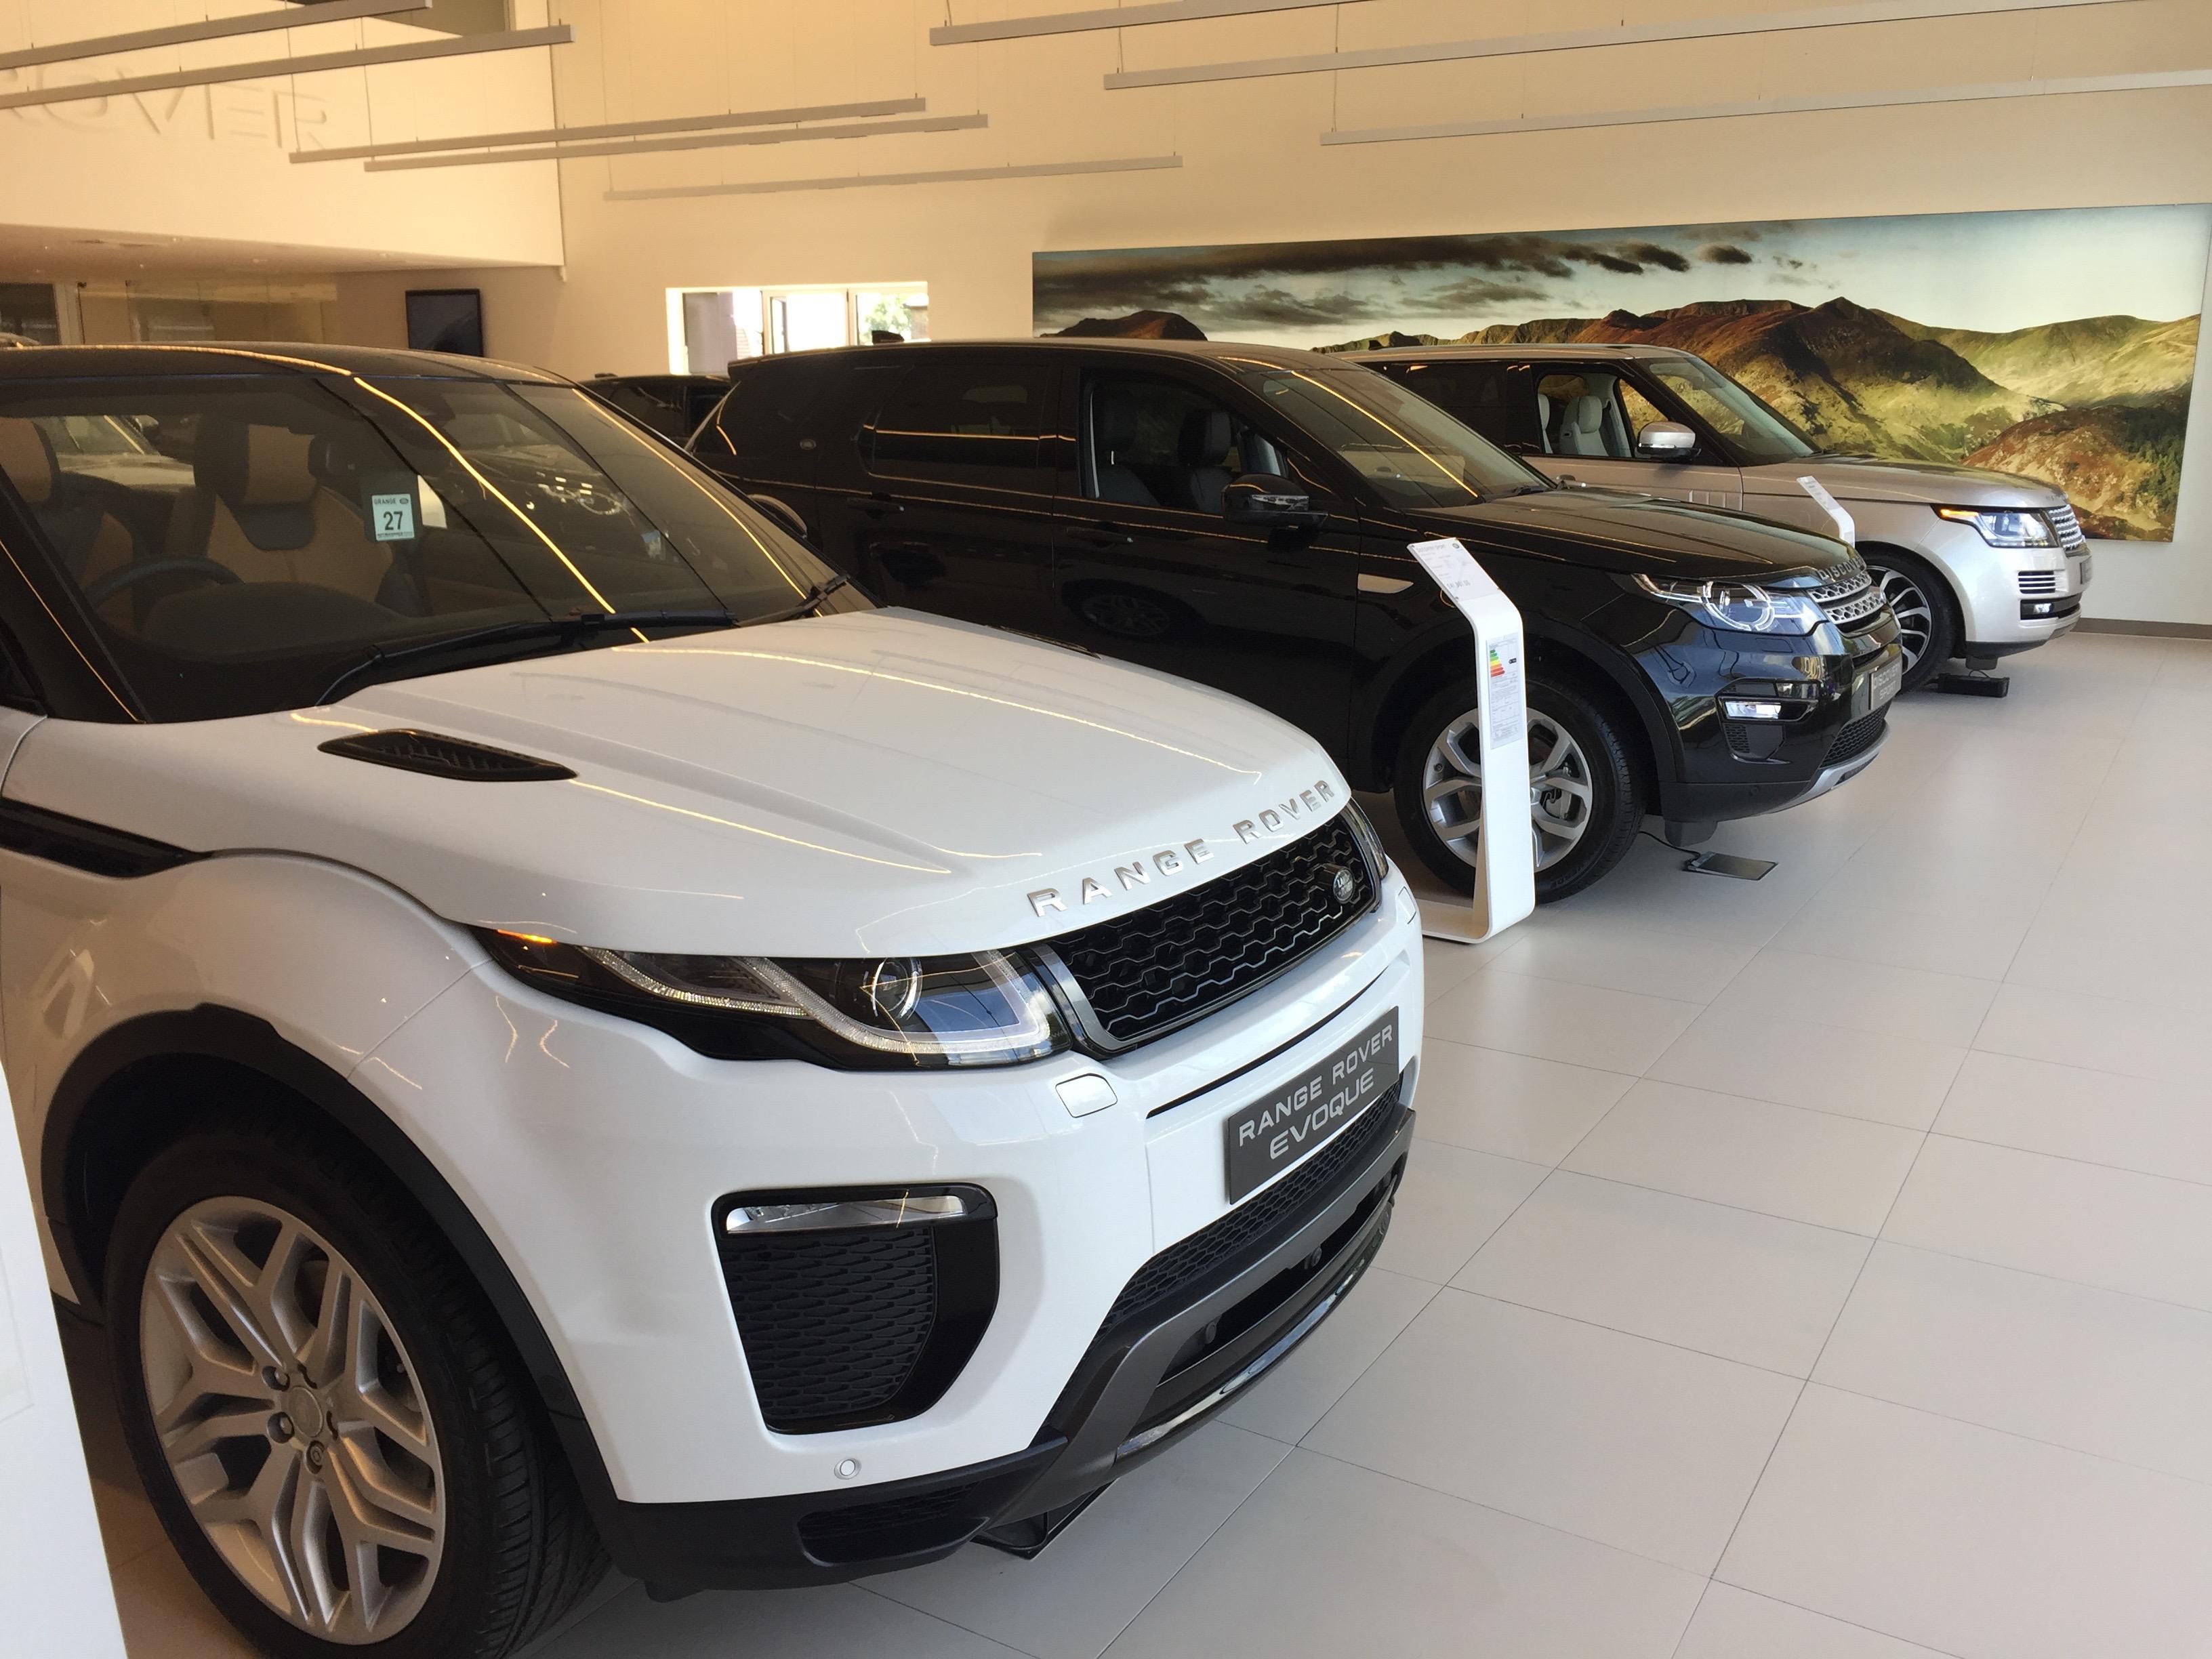 Used Car Dealers Bishops Stortford